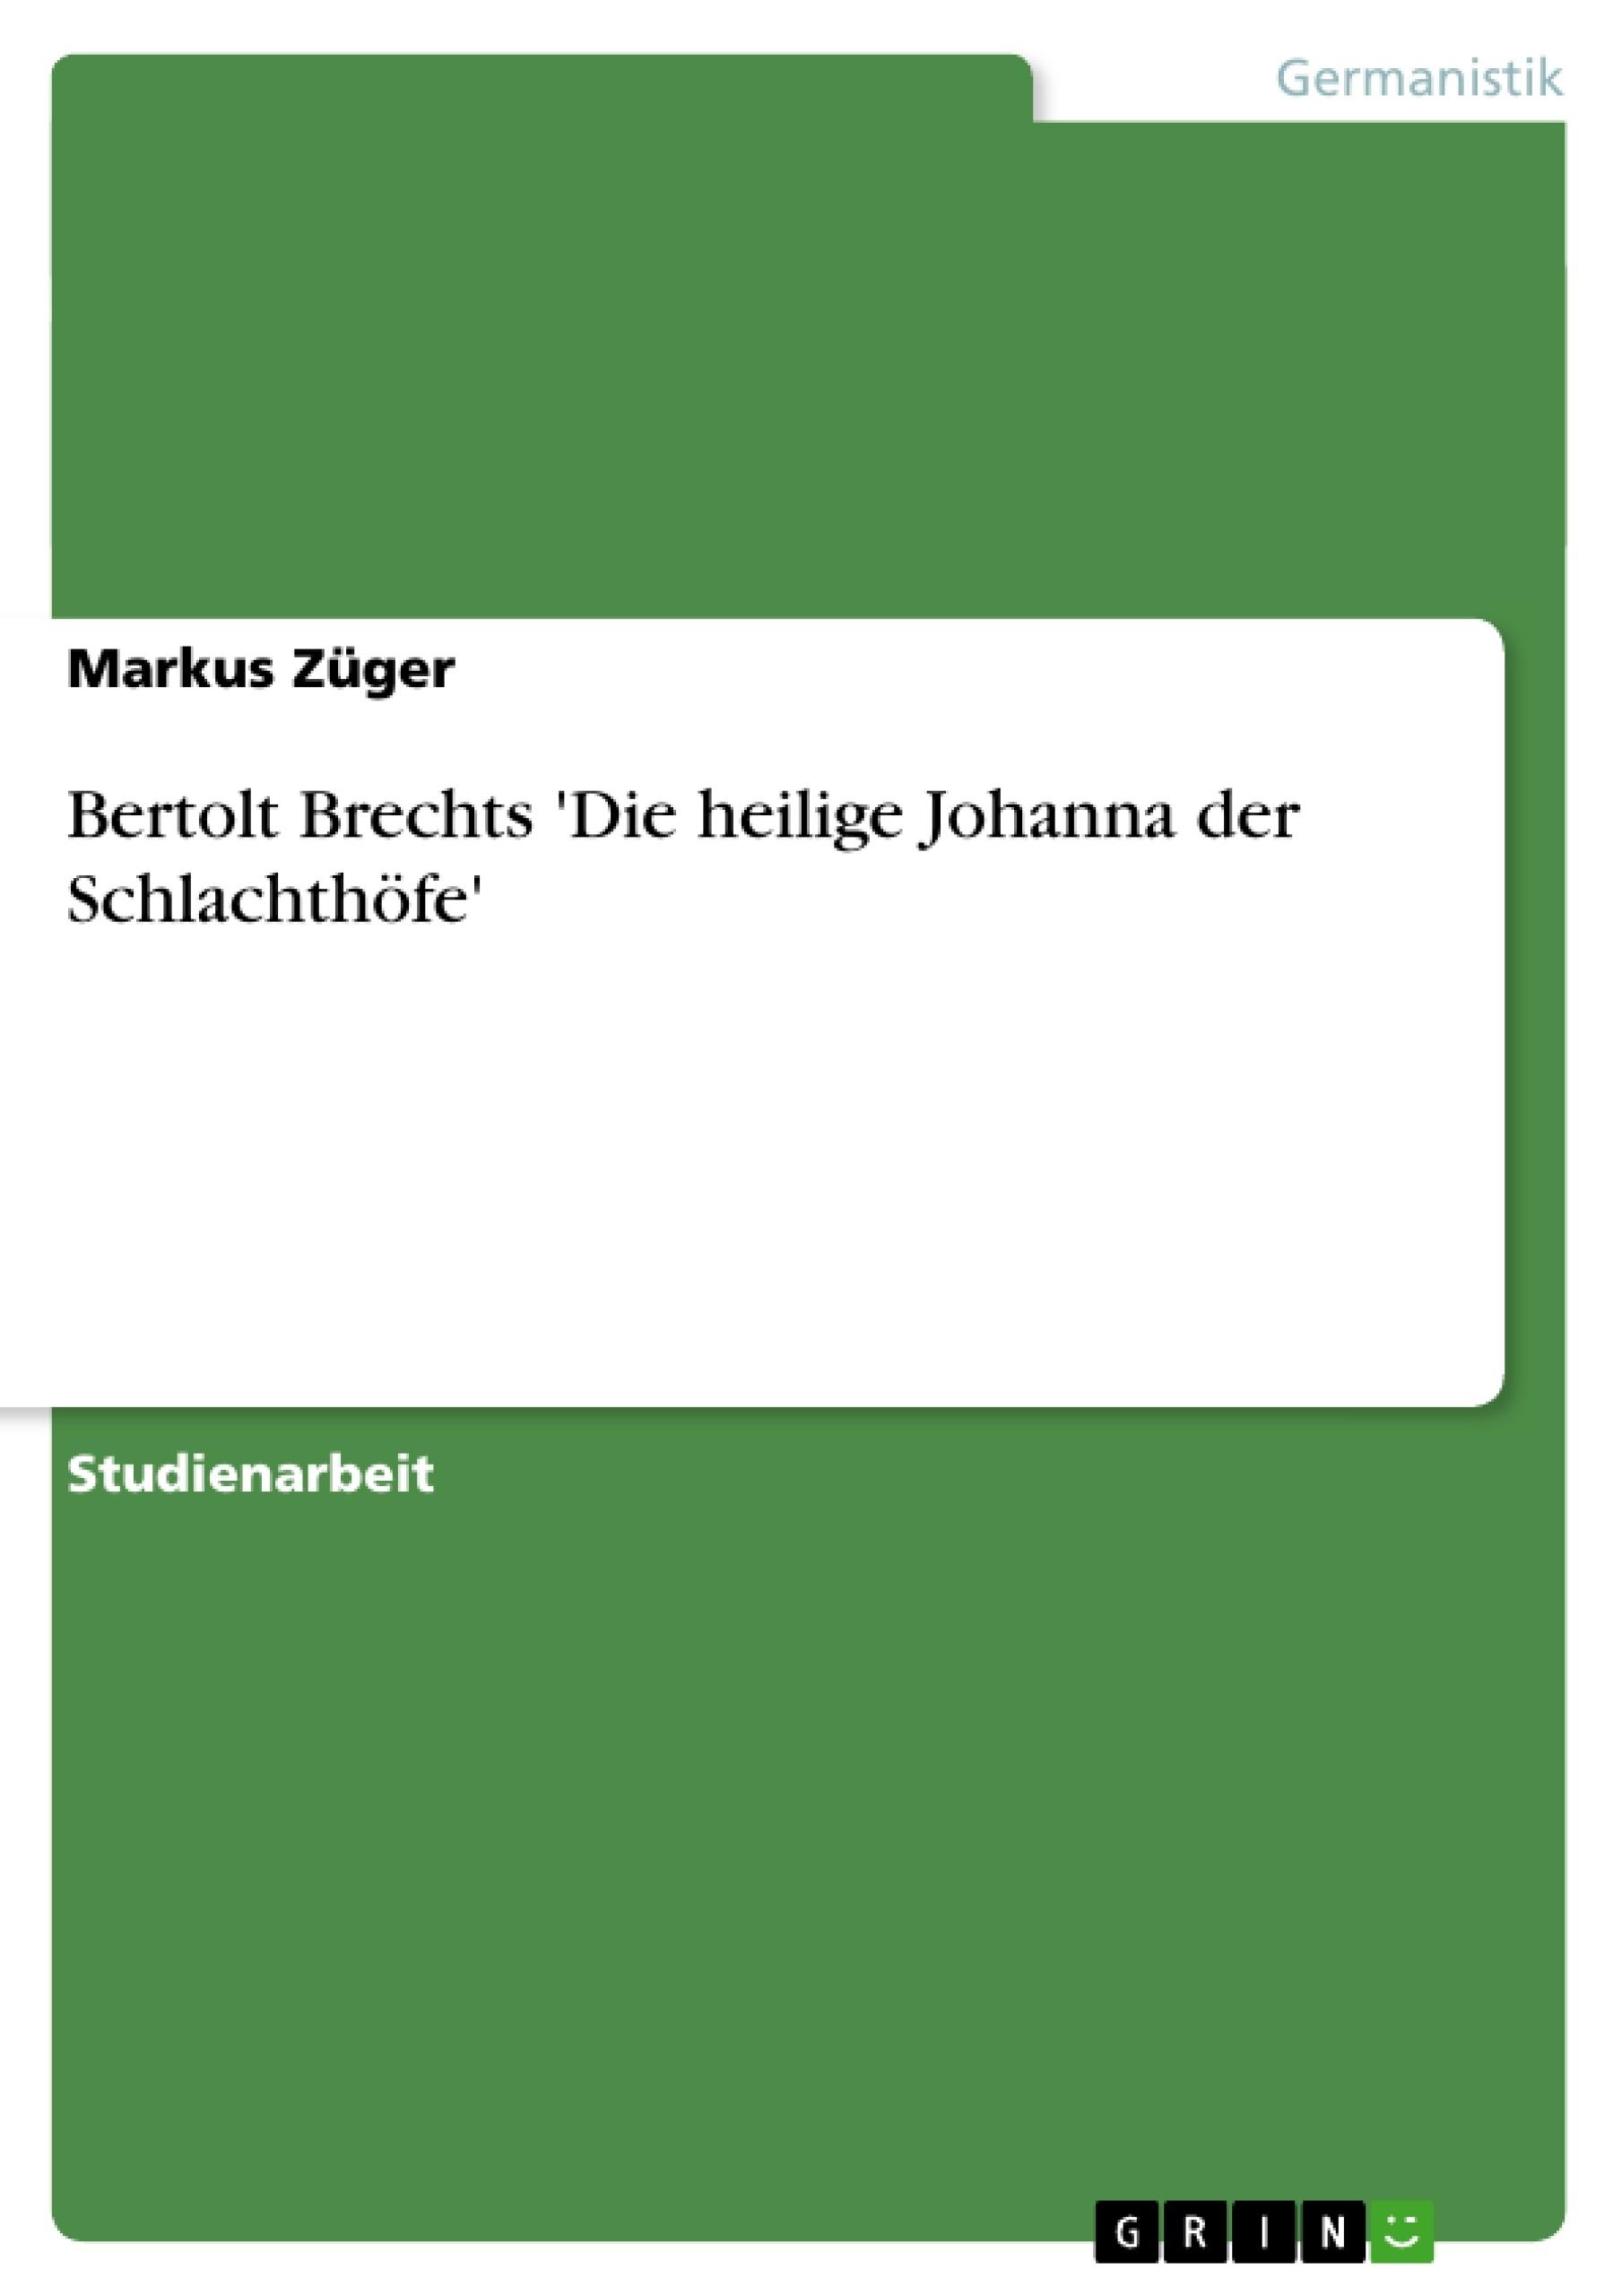 Titel: Bertolt Brechts 'Die heilige Johanna der Schlachthöfe'